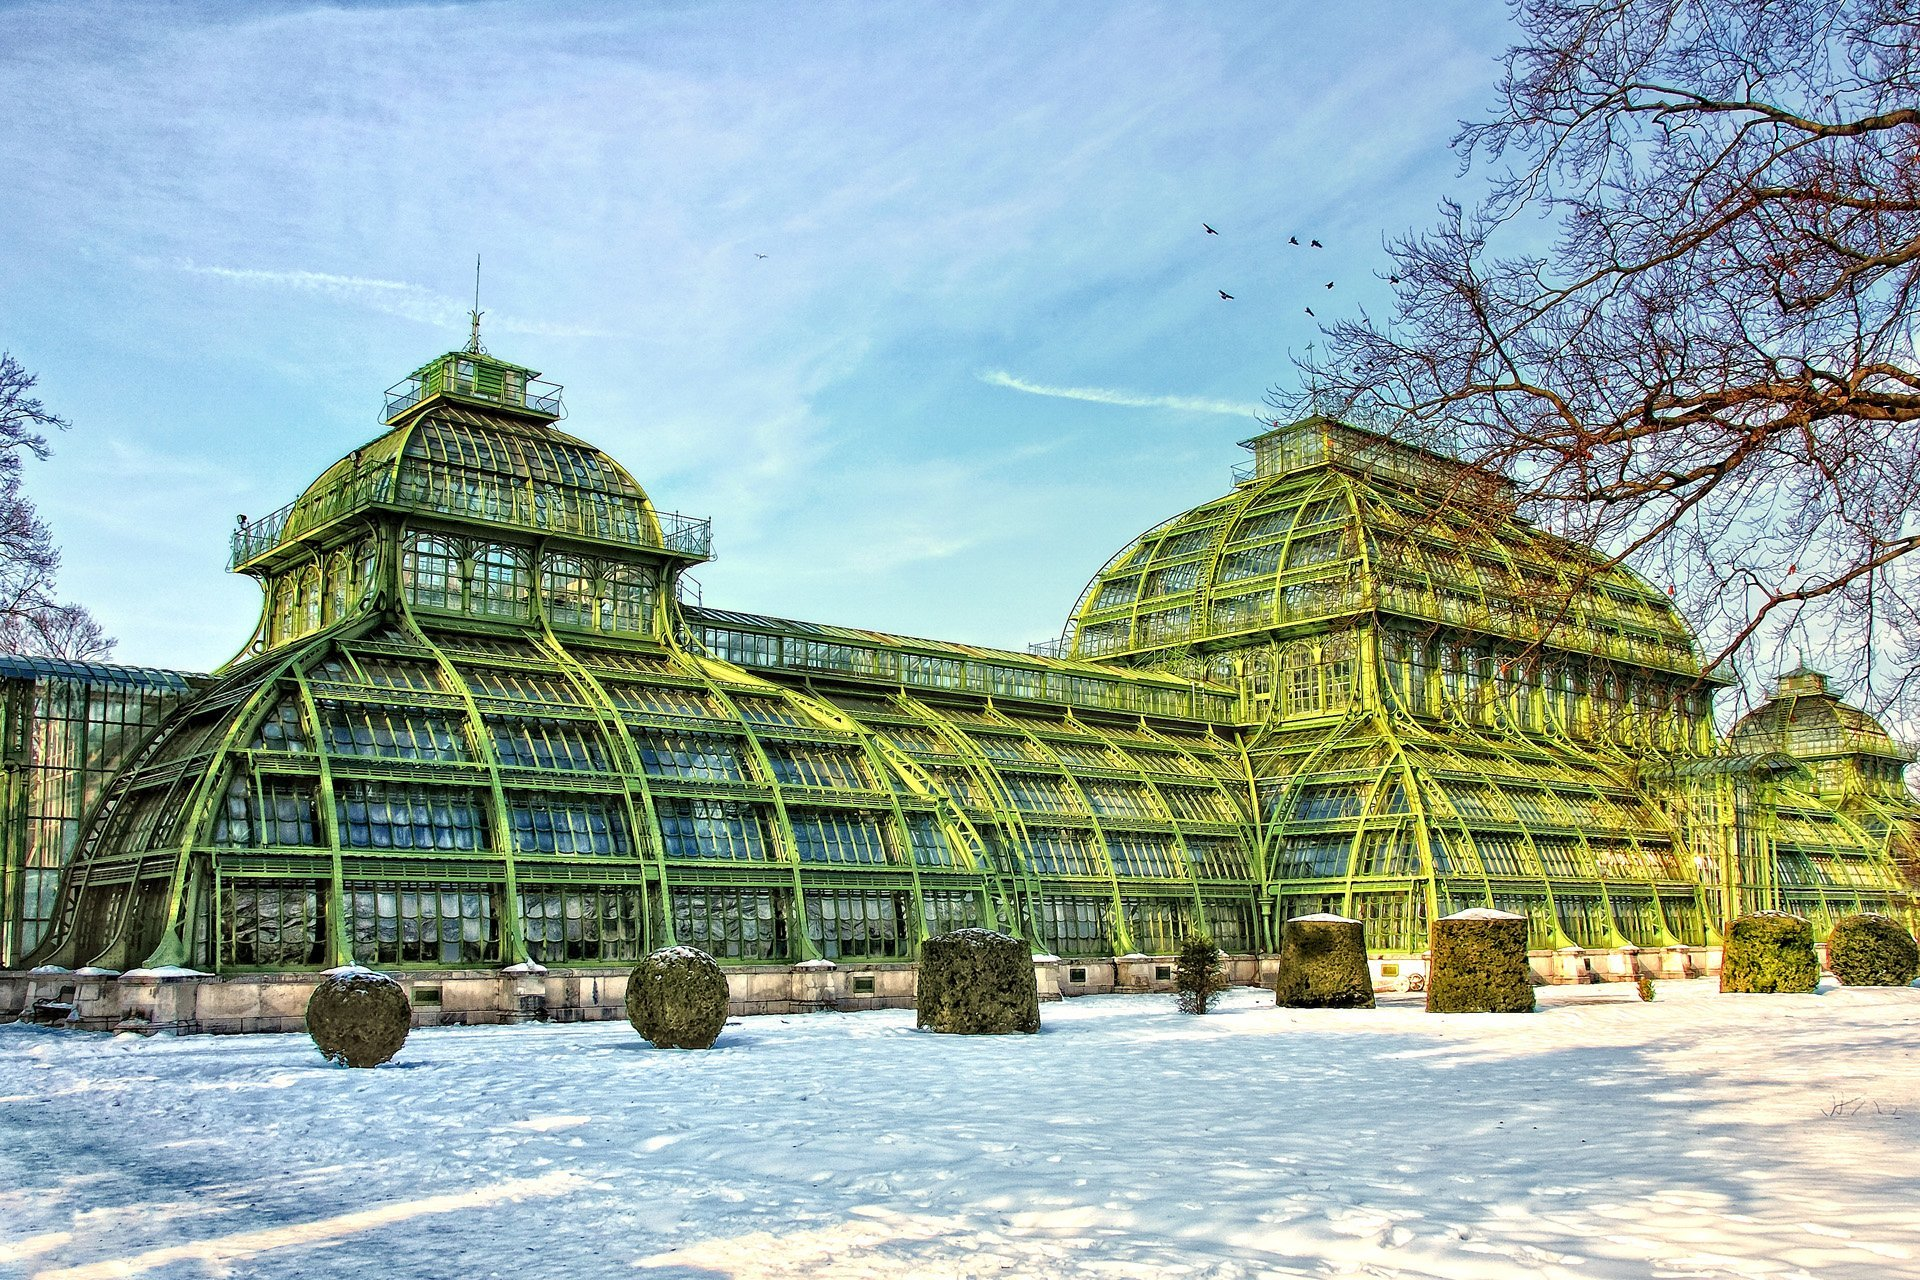 palmiye evi